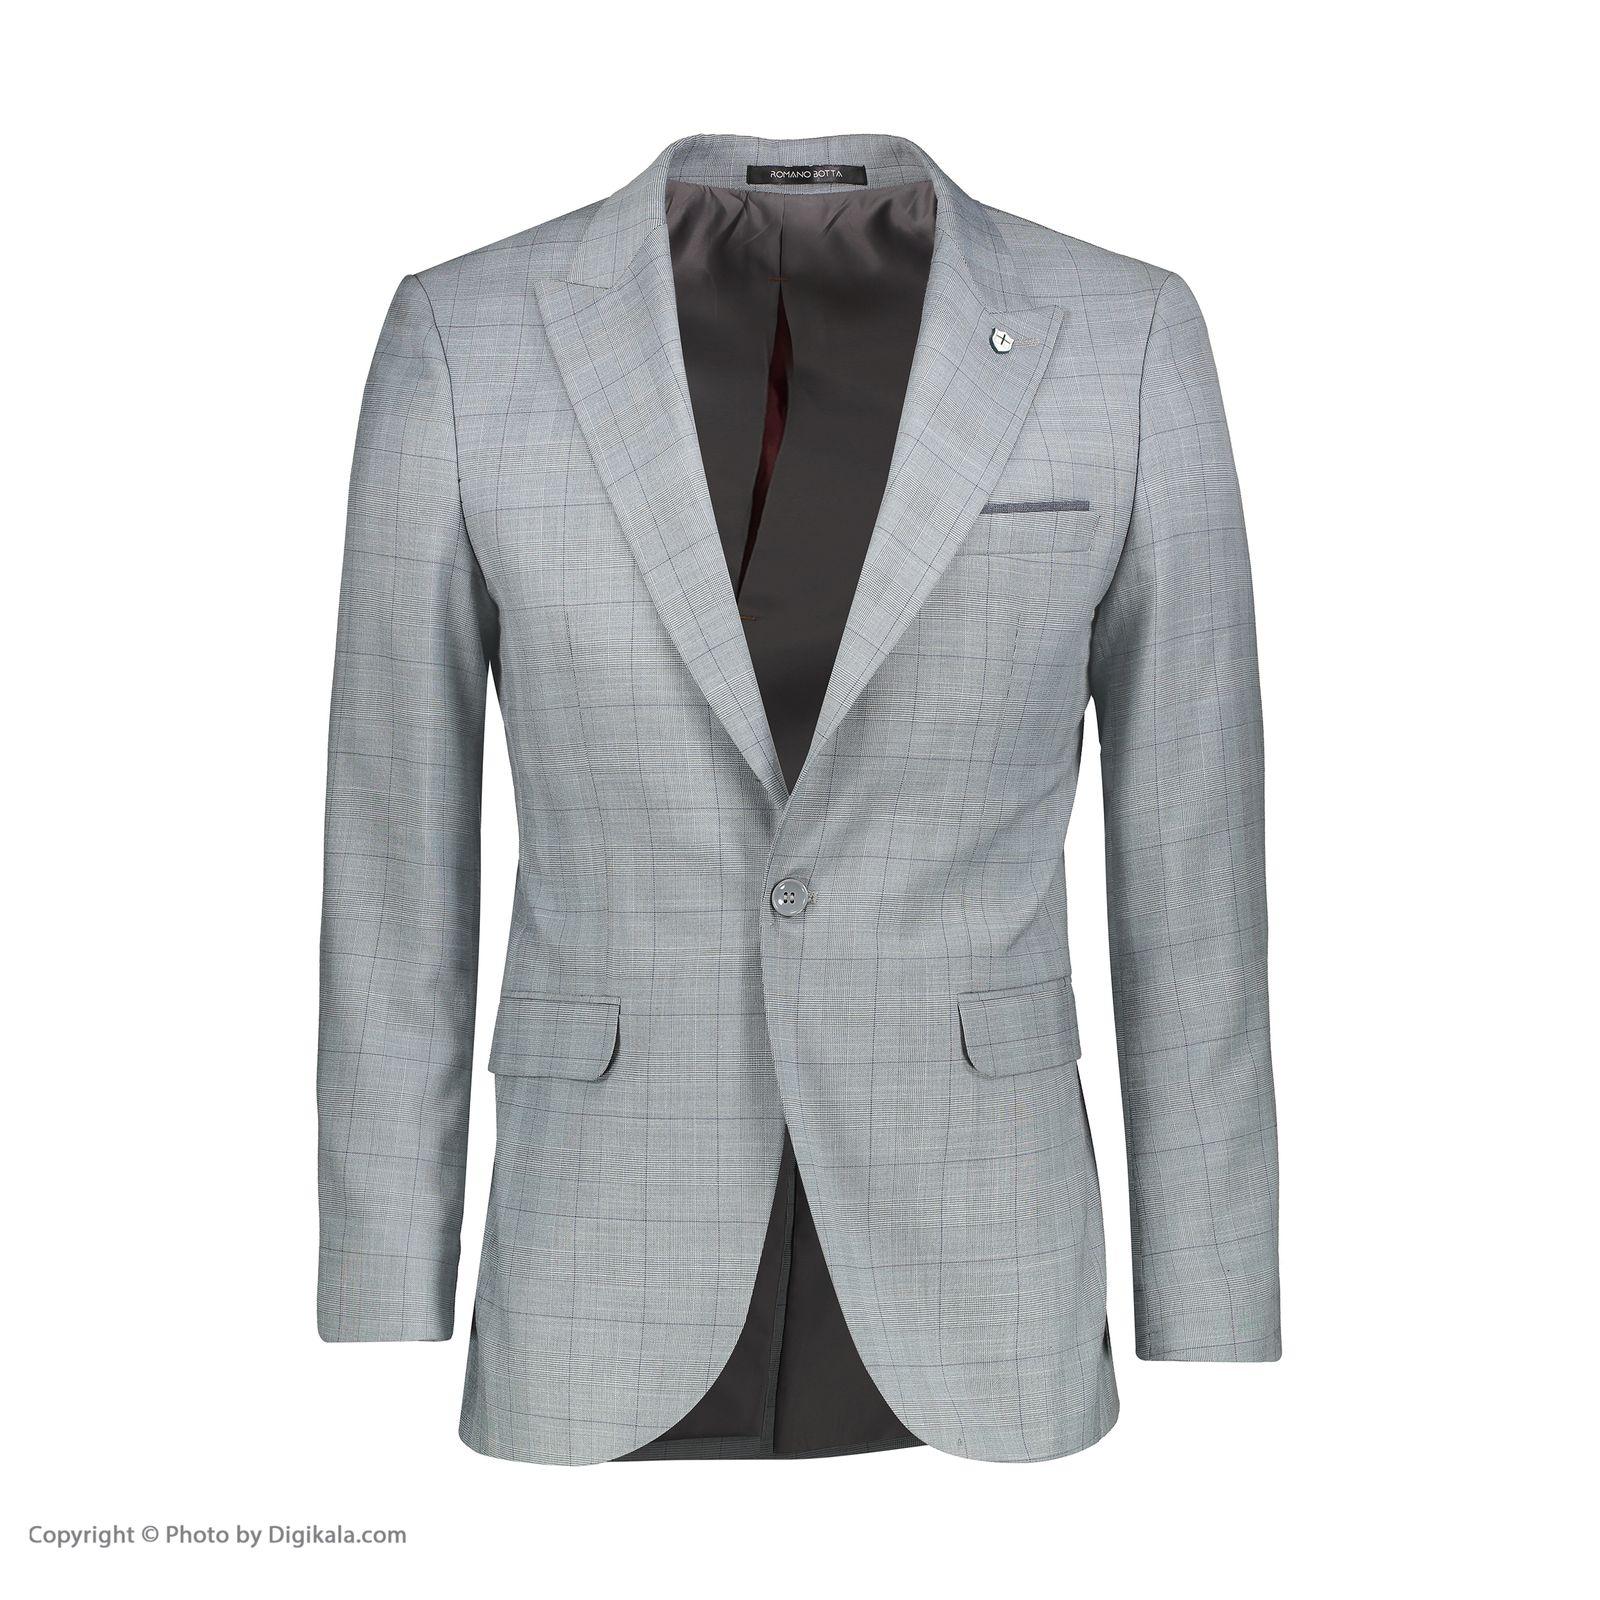 کت تک مردانه رومانو بوتا مدل a3 -  - 2